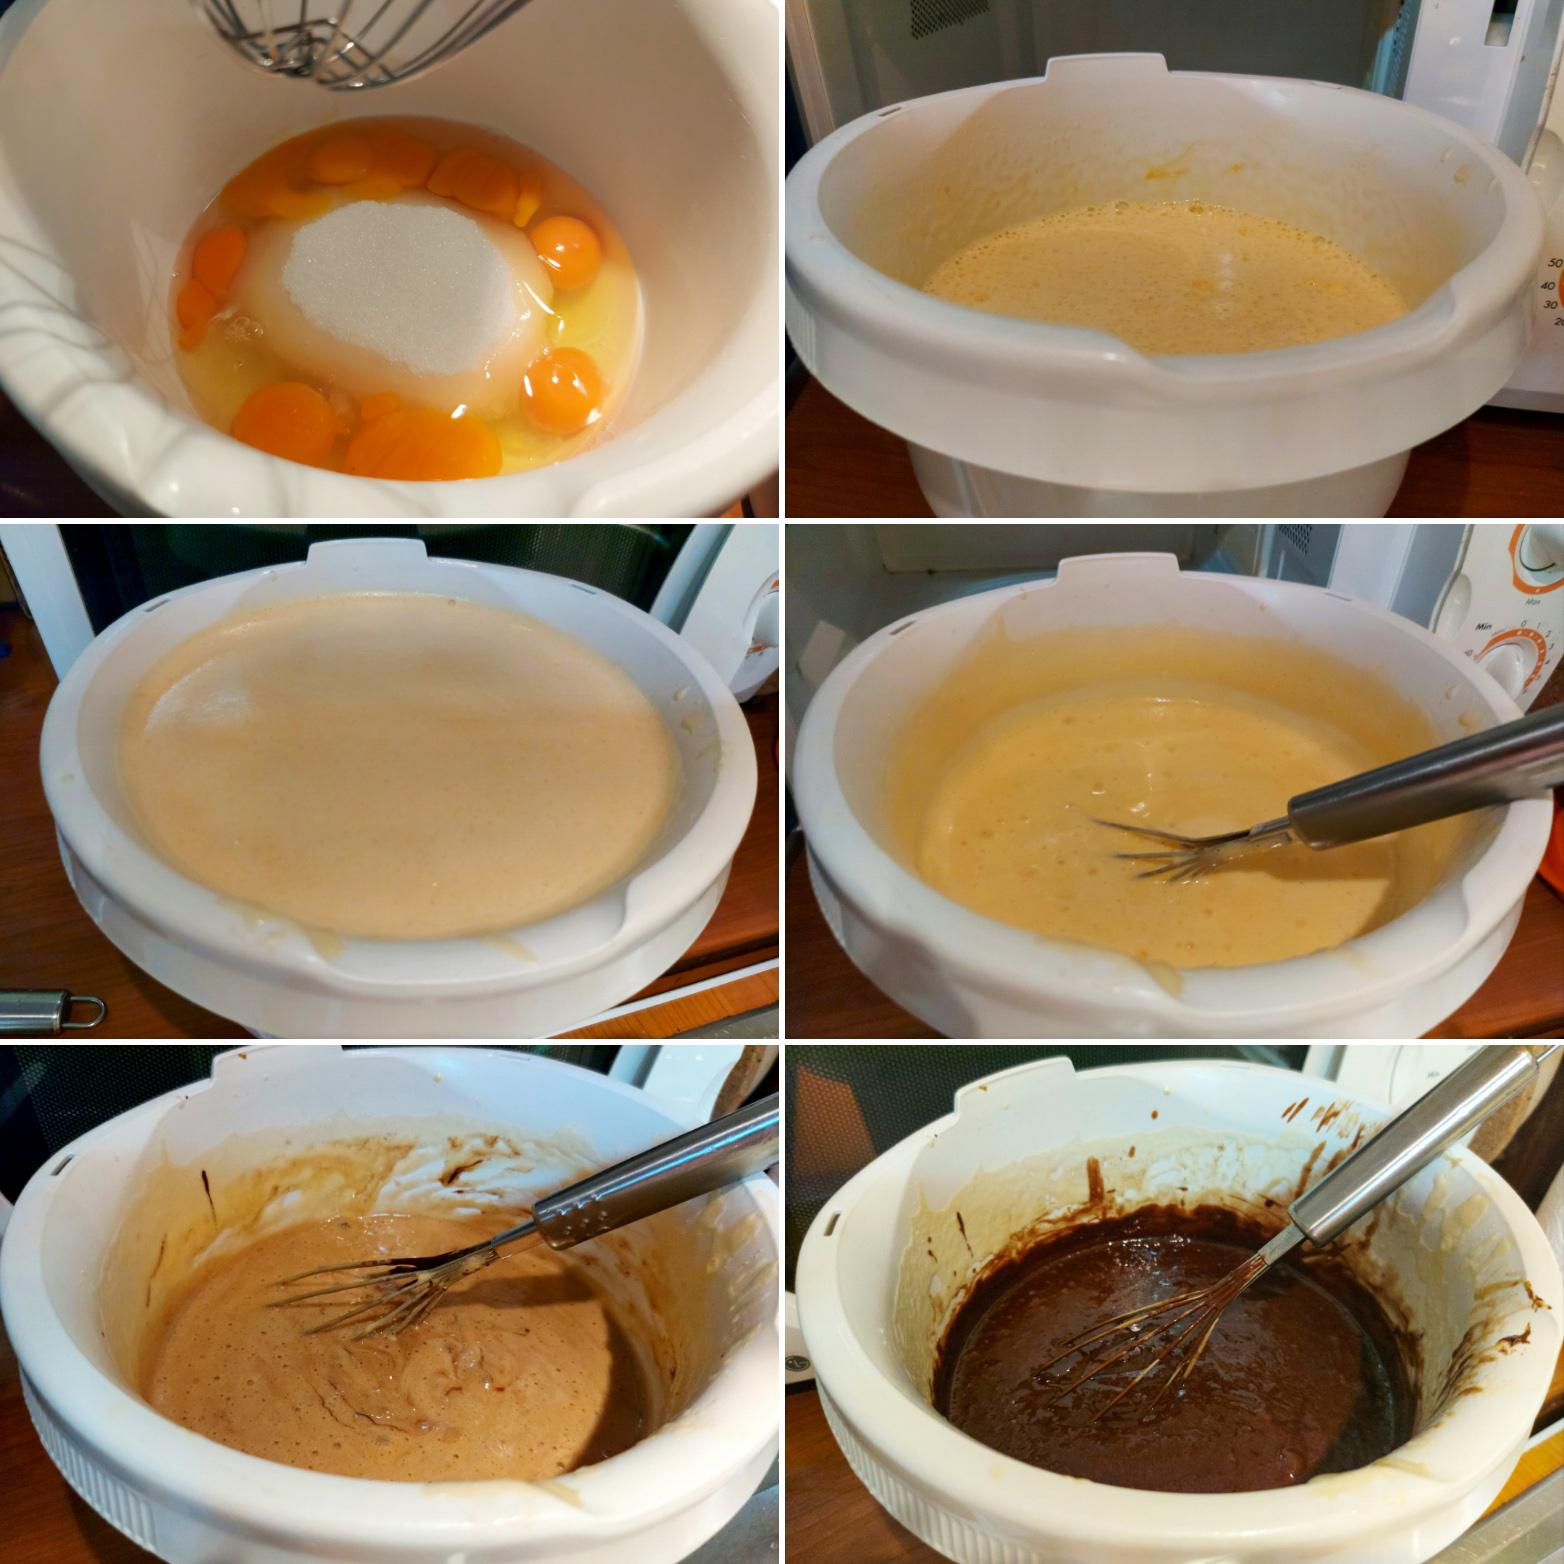 Cokoladna-jaffa-torta-9